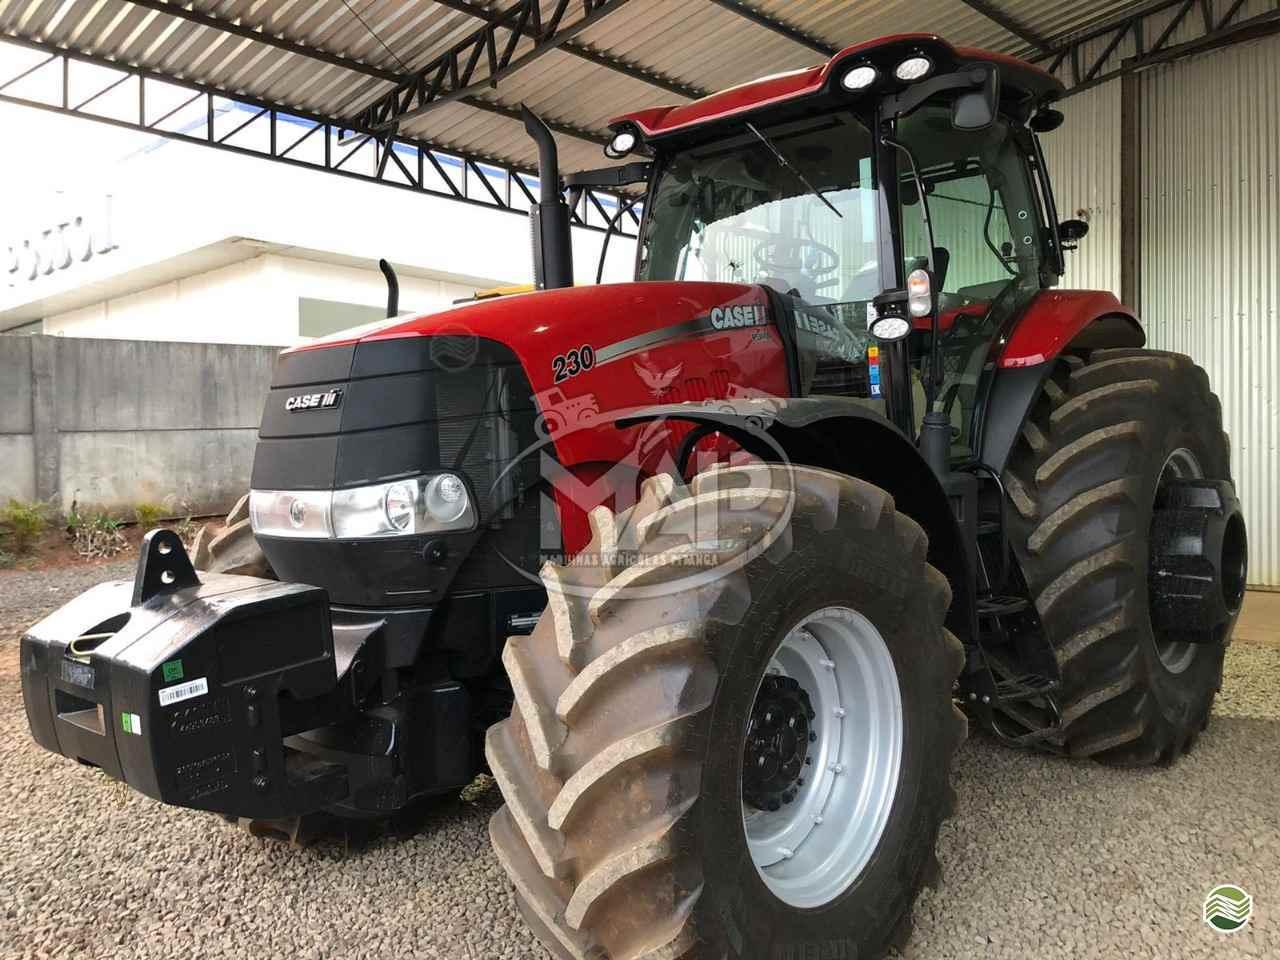 TRATOR CASE PUMA 230 Tração 4x4 Máquinas Agrícolas Pitanga PITANGA PARANÁ PR